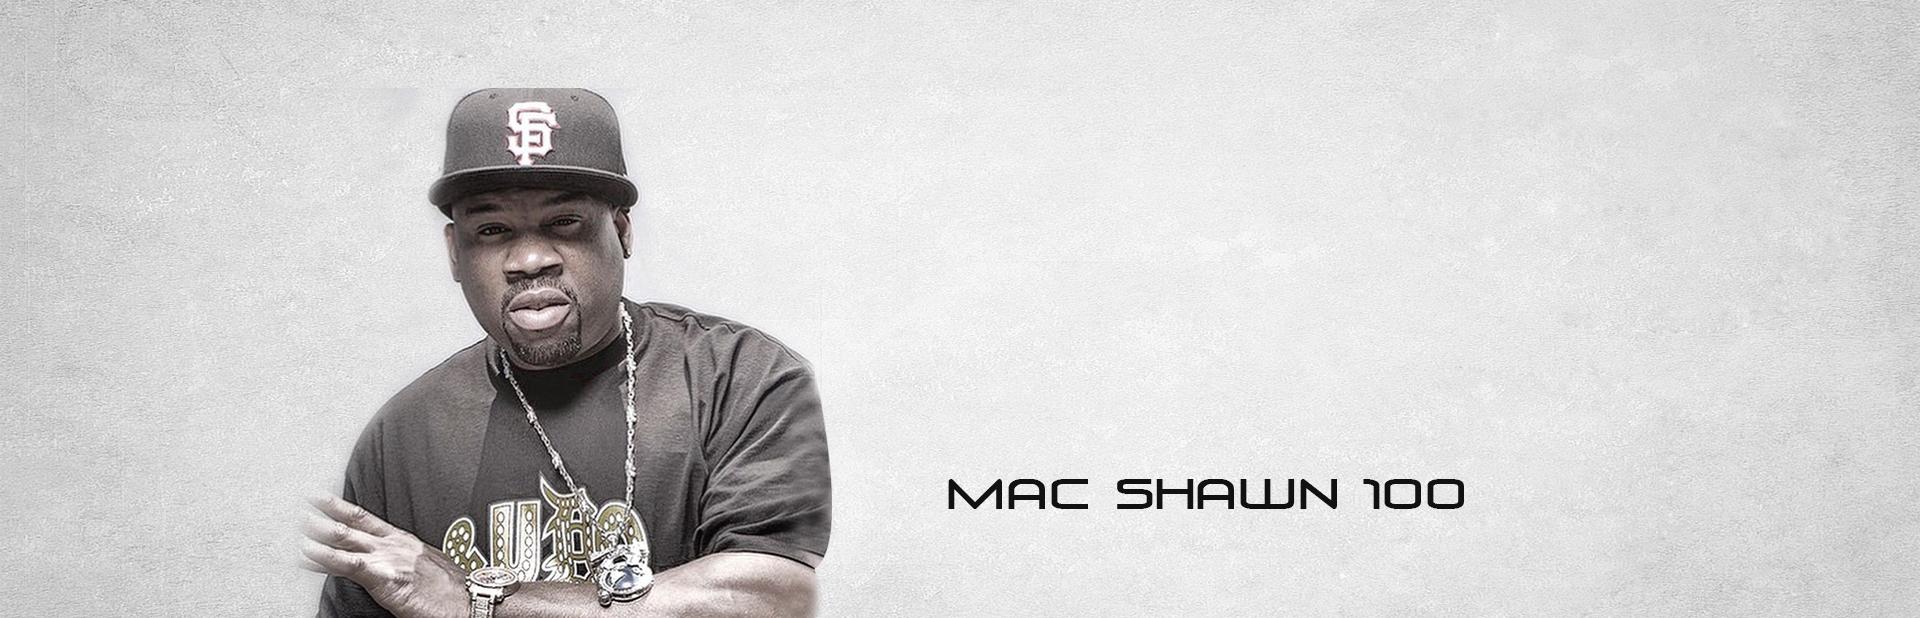 MacShawn100